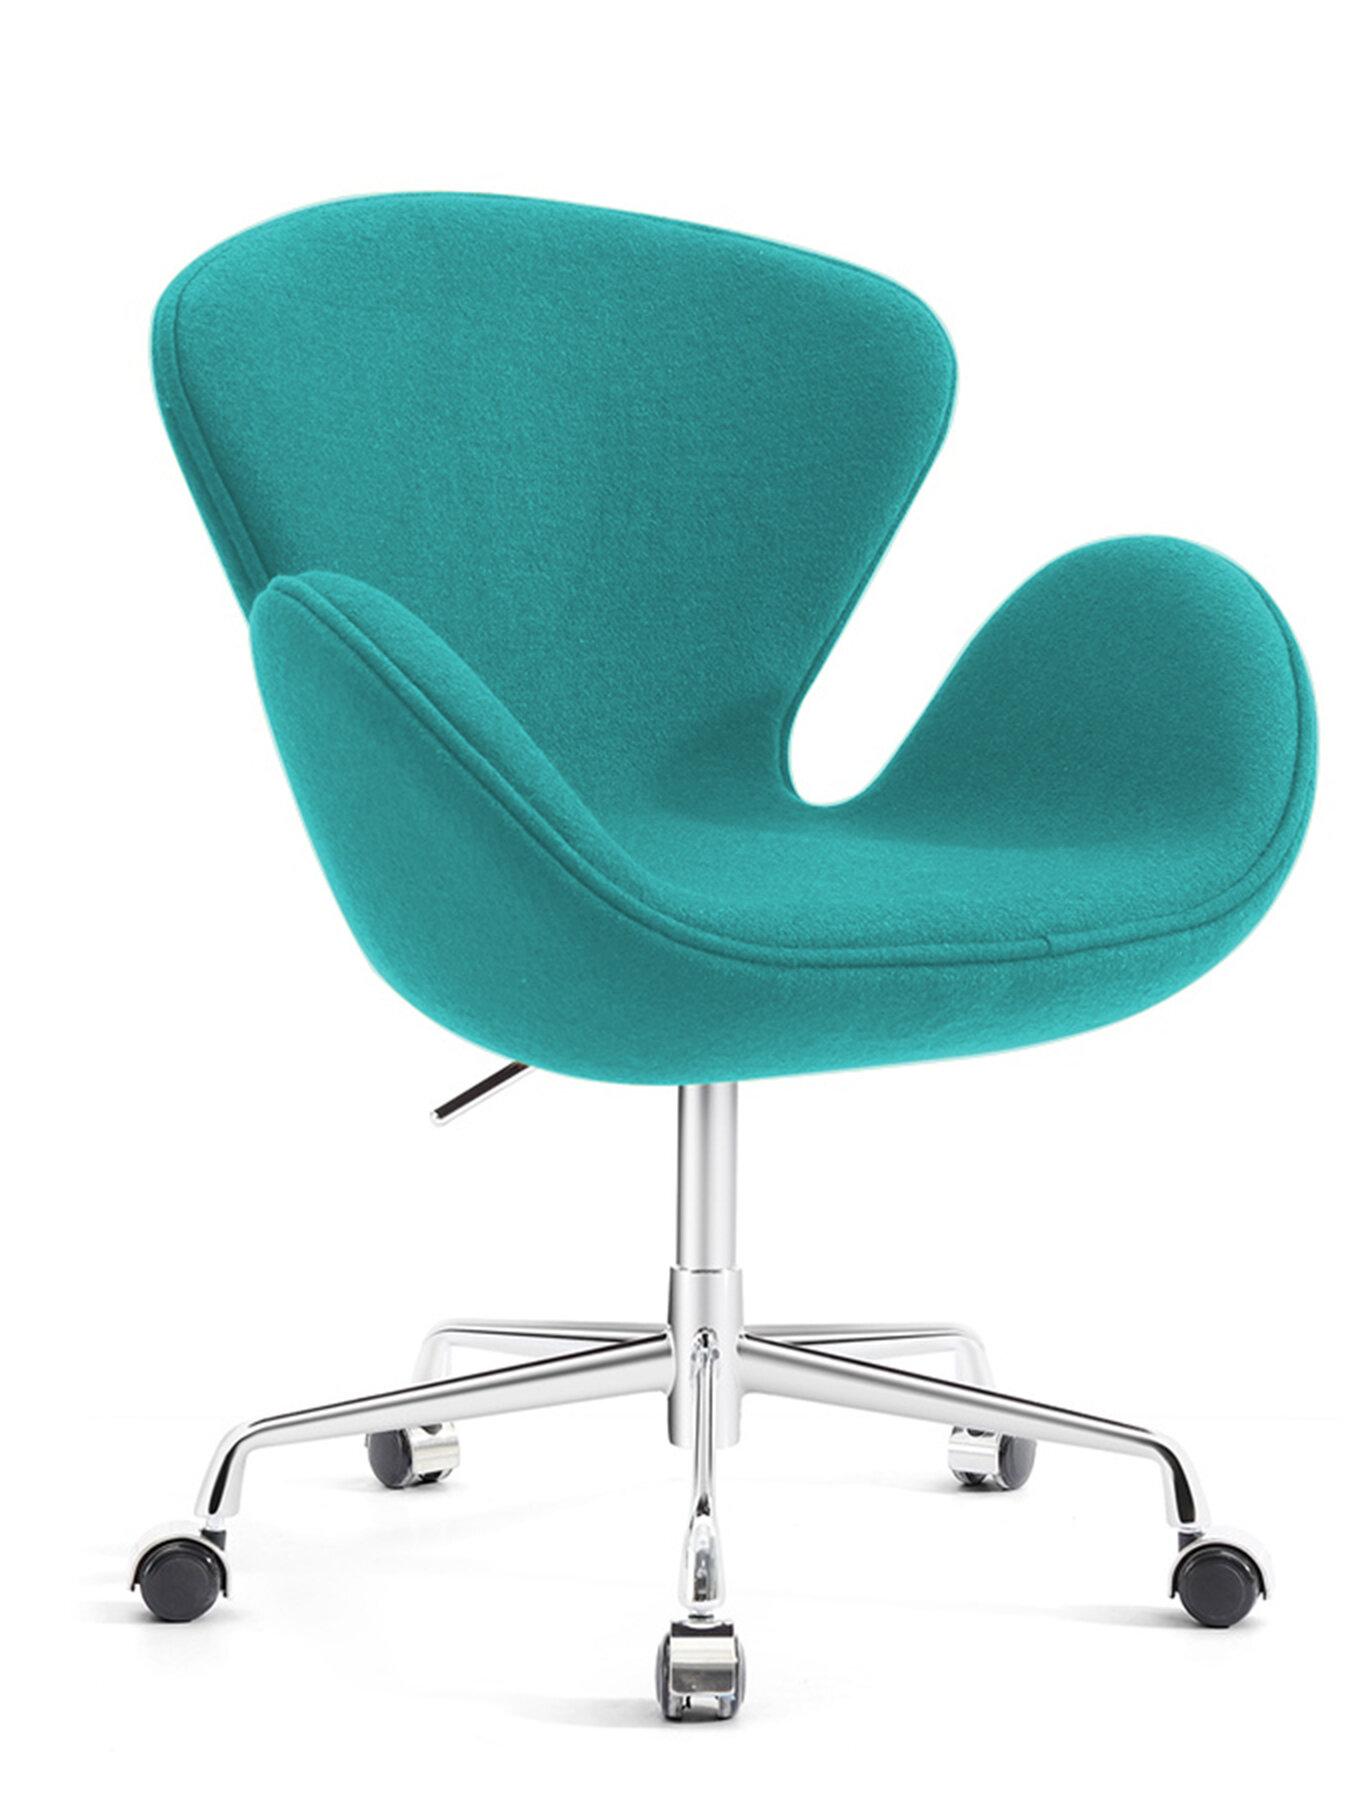 Orren Ellis Joann Mid-Century Modern Living Room Upholstered ...